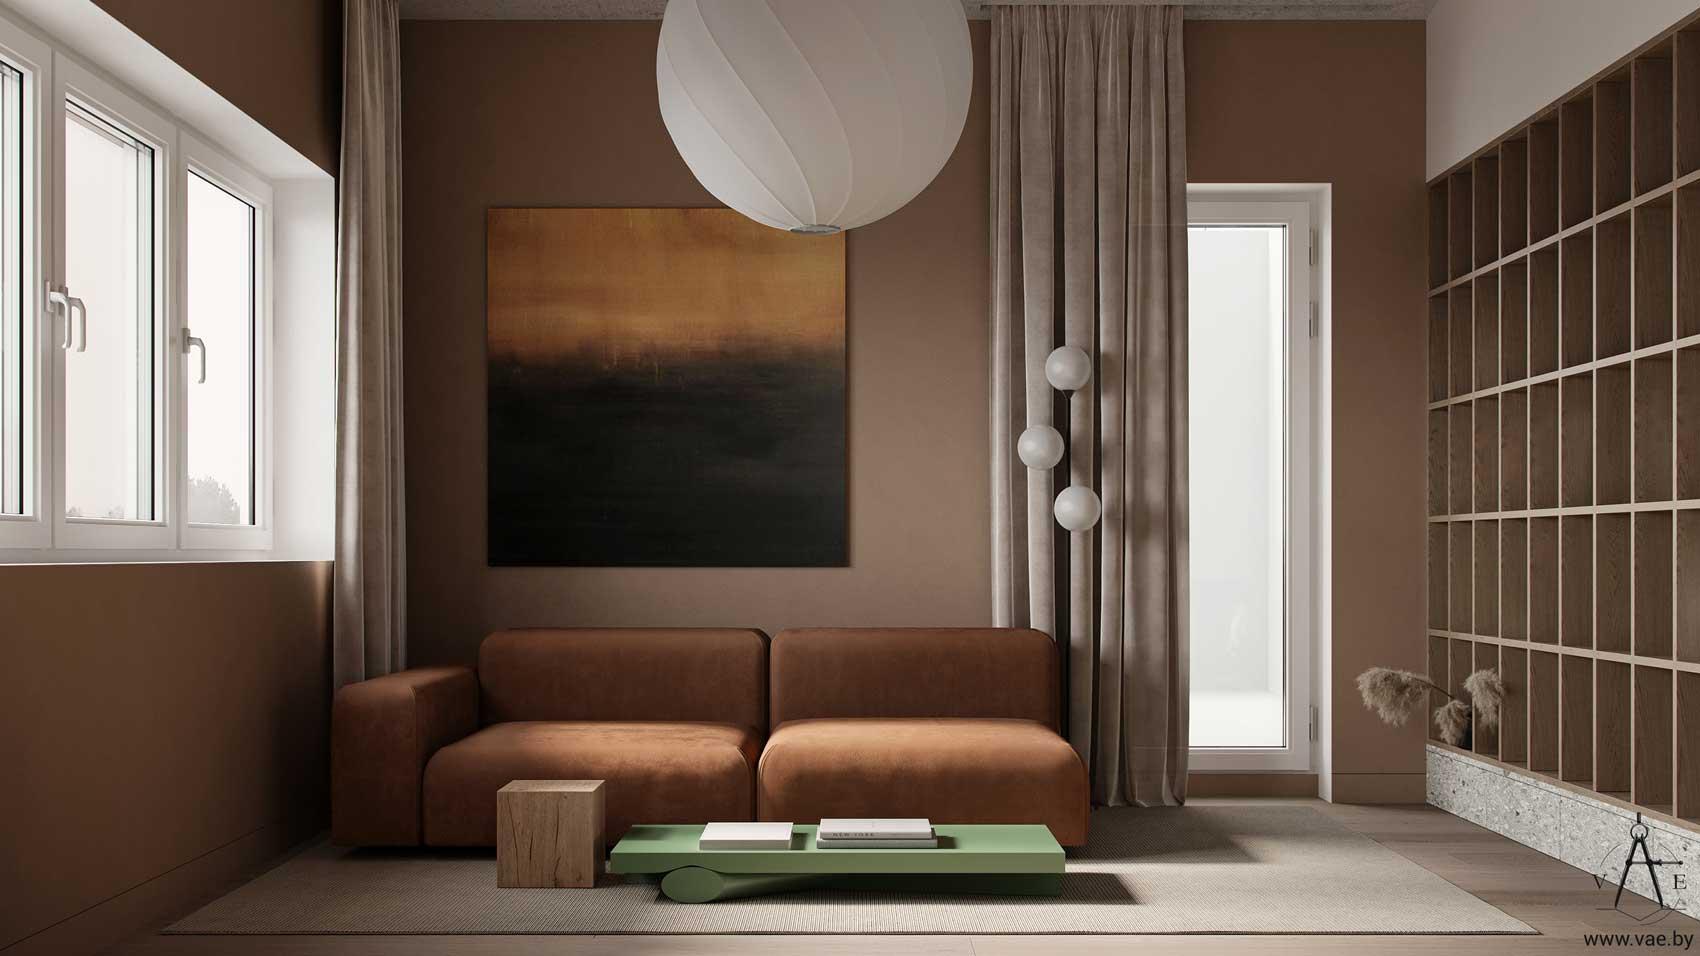 Un salon terracotta avec des étagères shelfie et une pointe de couleur grâce à une table basse verte